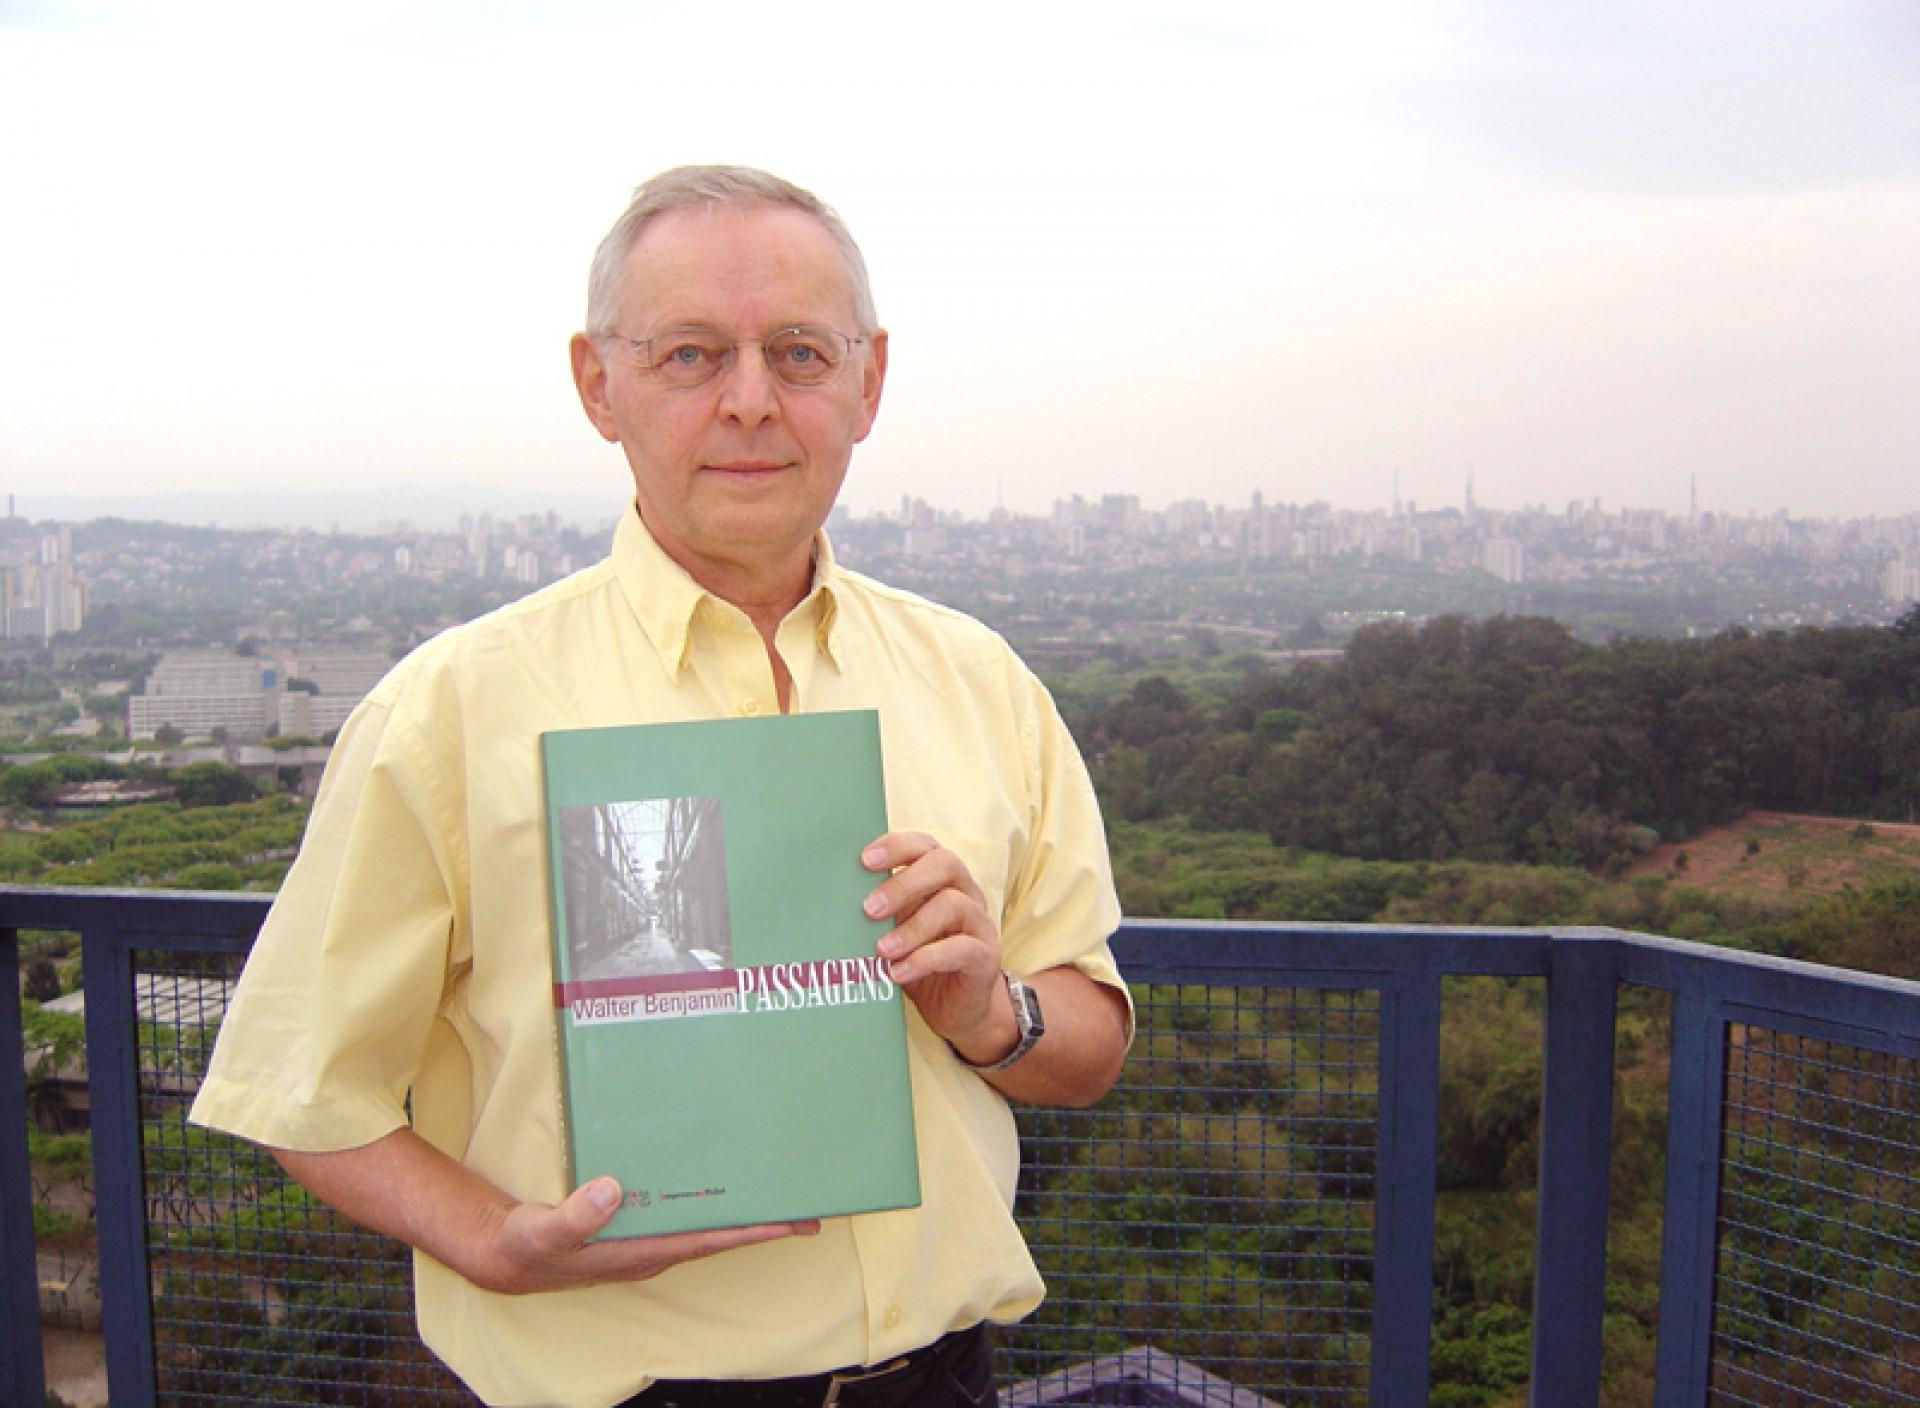 Willi Bolle com a edição brasileira das Passagens, de Benjamin Bolle